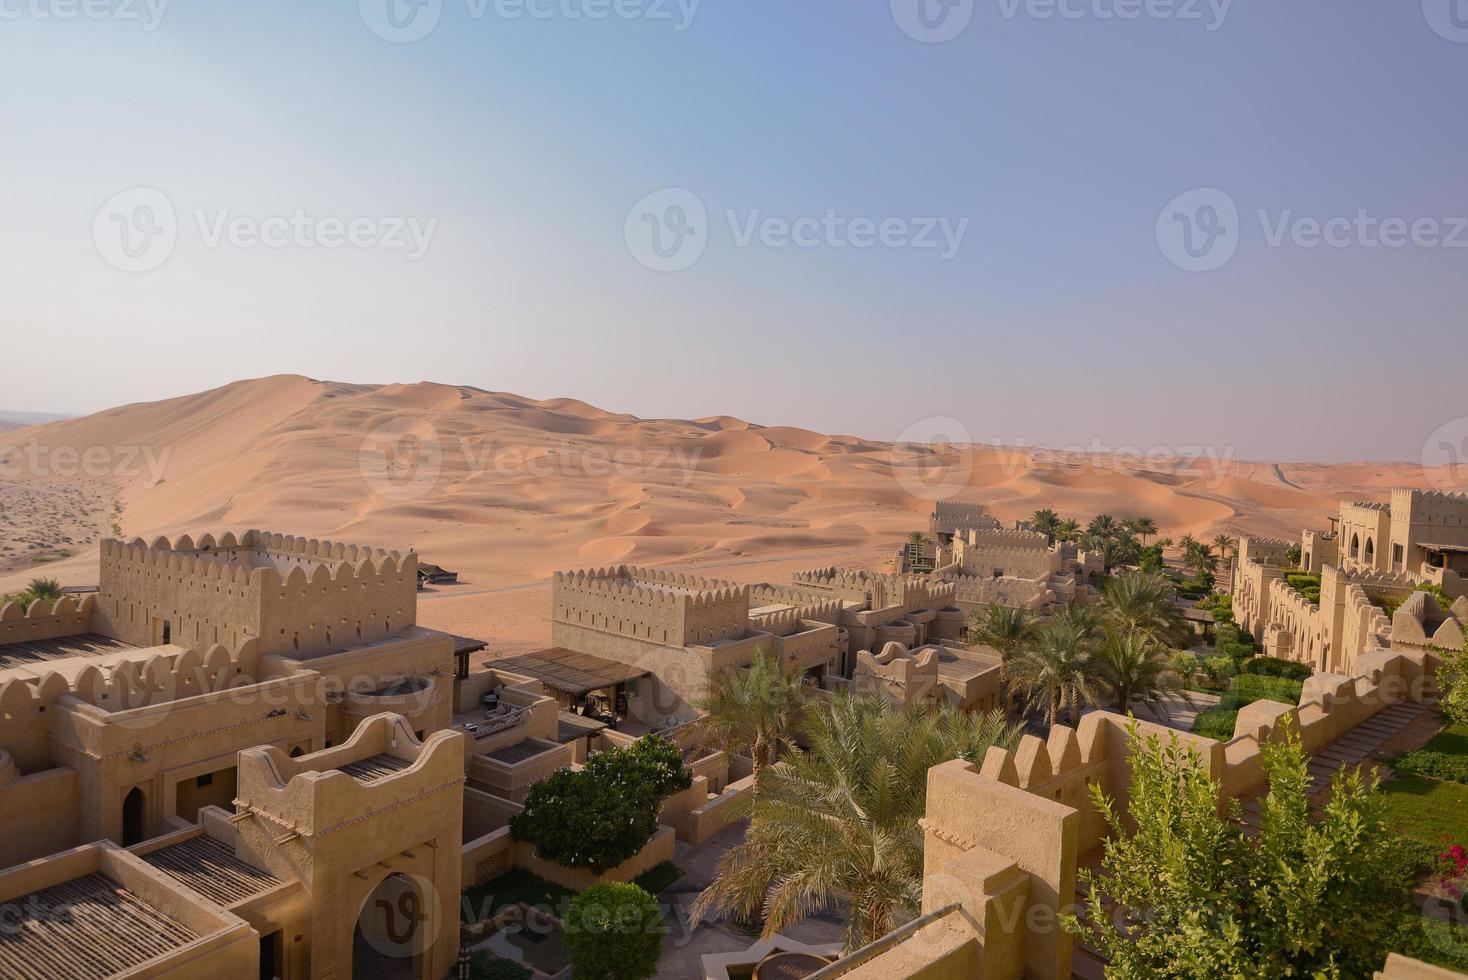 woestijn oase foto